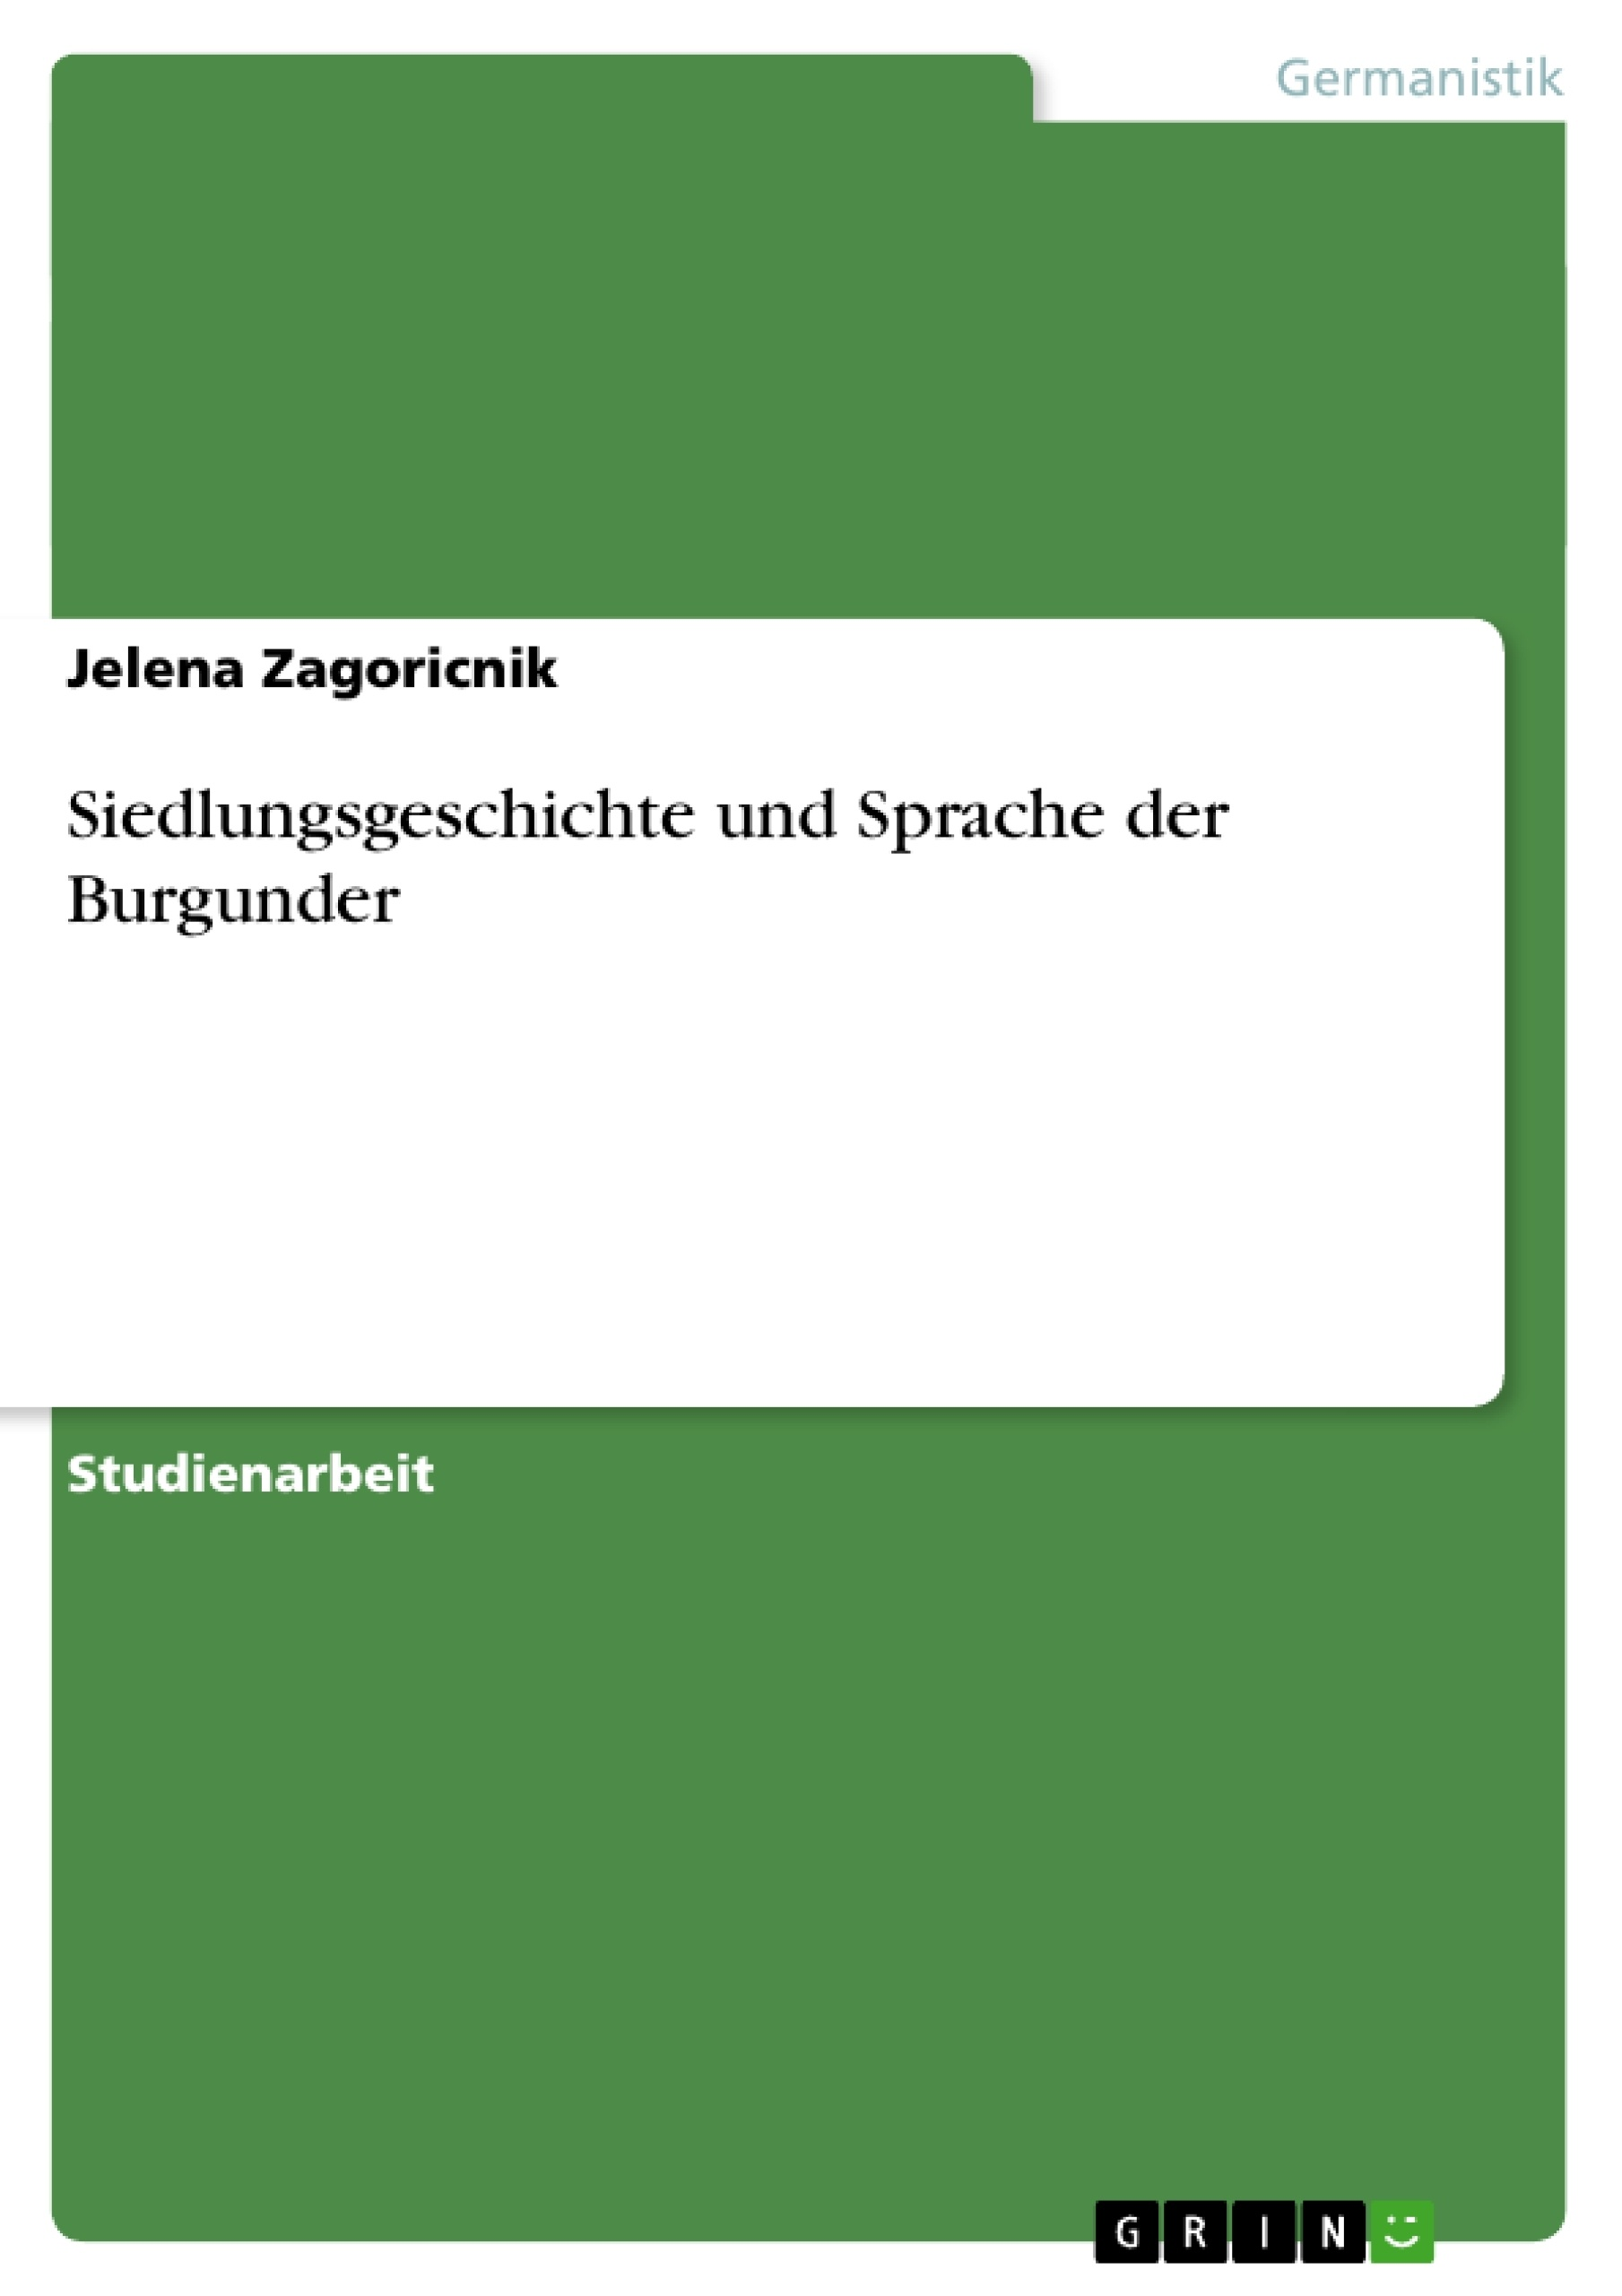 Titel: Siedlungsgeschichte und Sprache der Burgunder